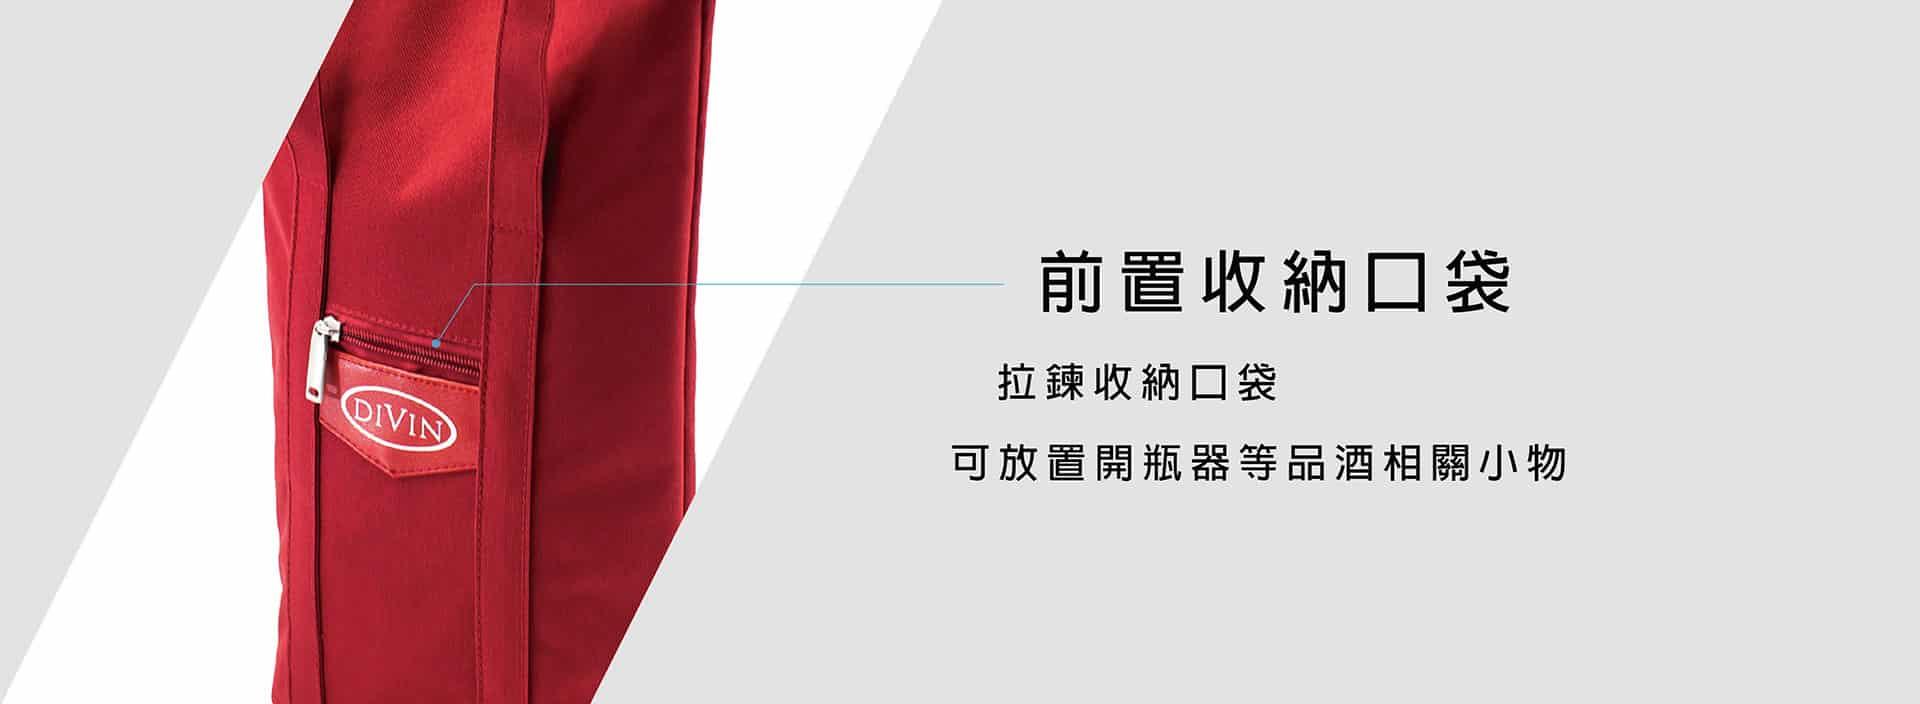 紅色酒袋前置口袋